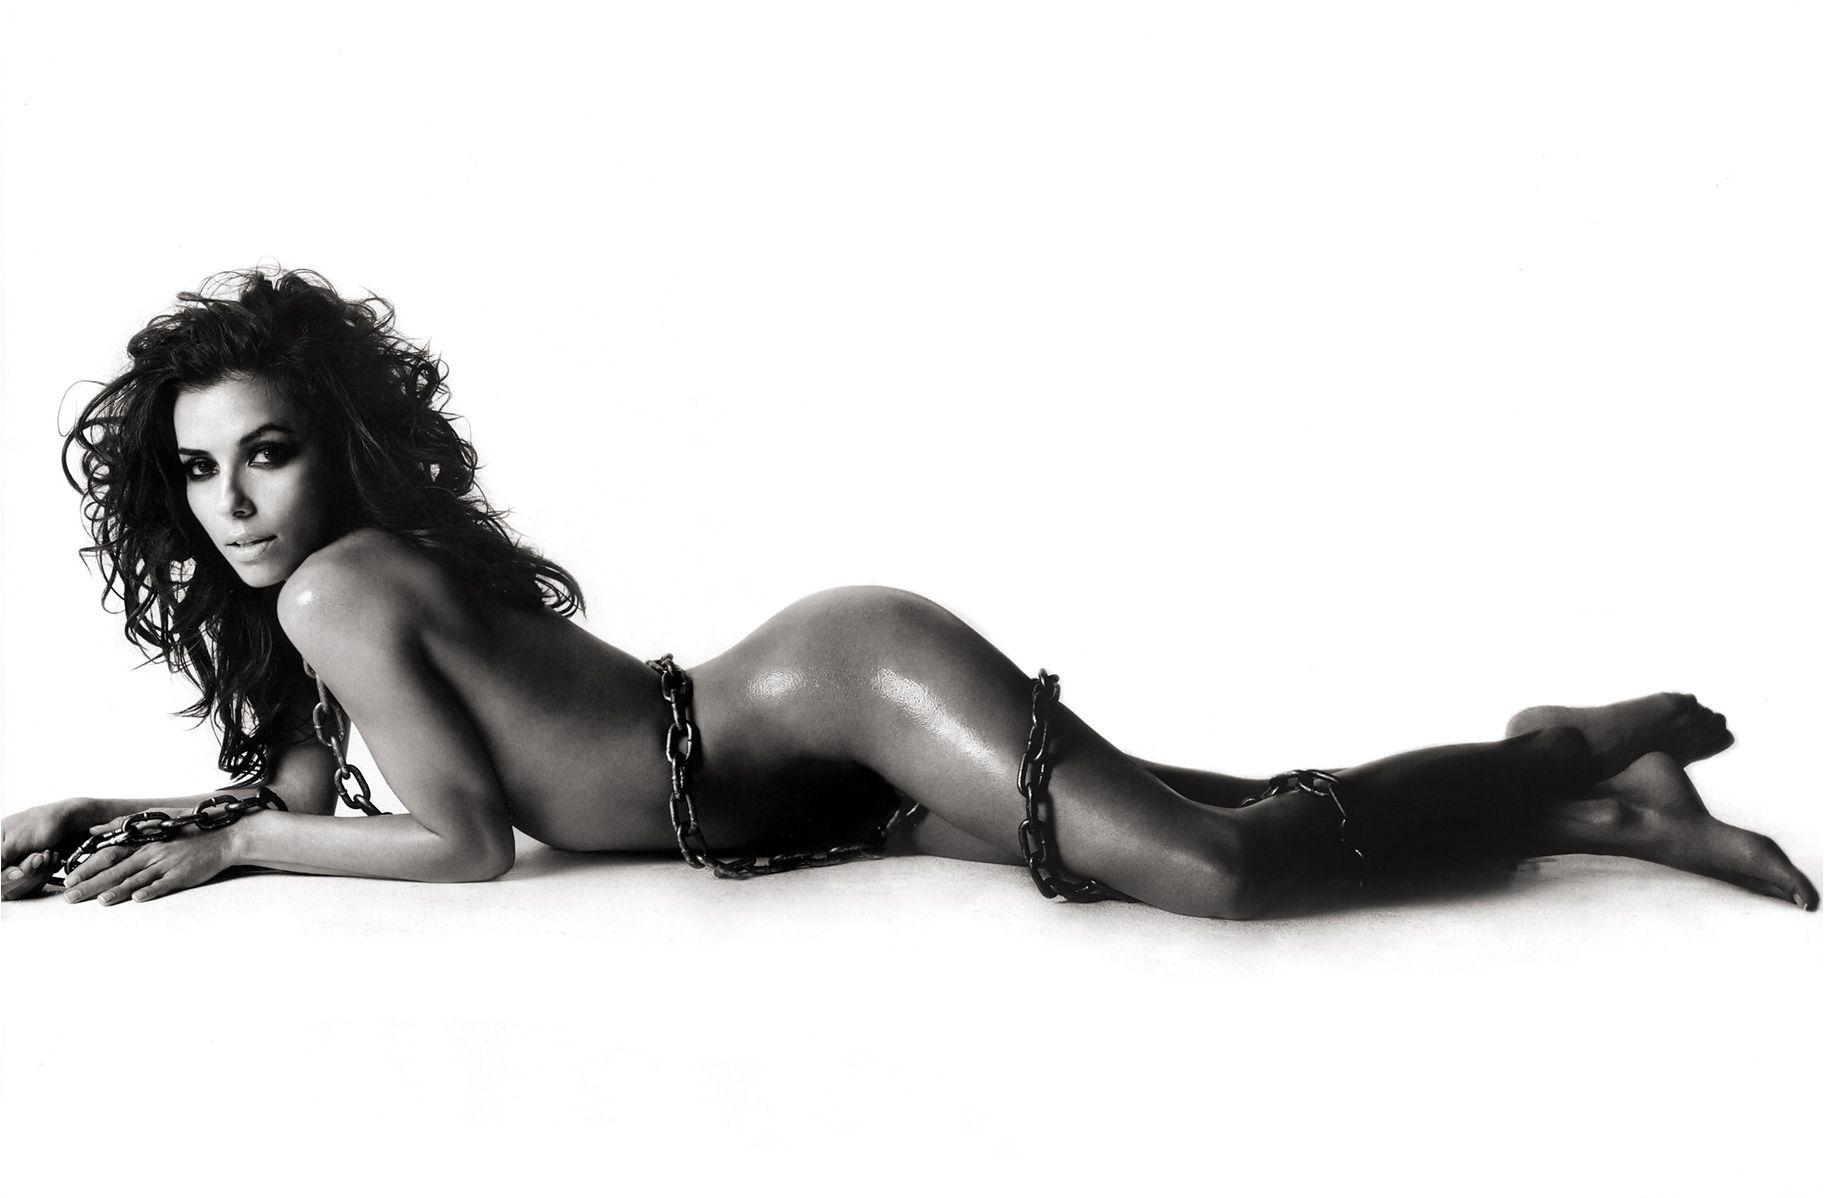 Sex Eva Mendes Wallpaper Nude Pics